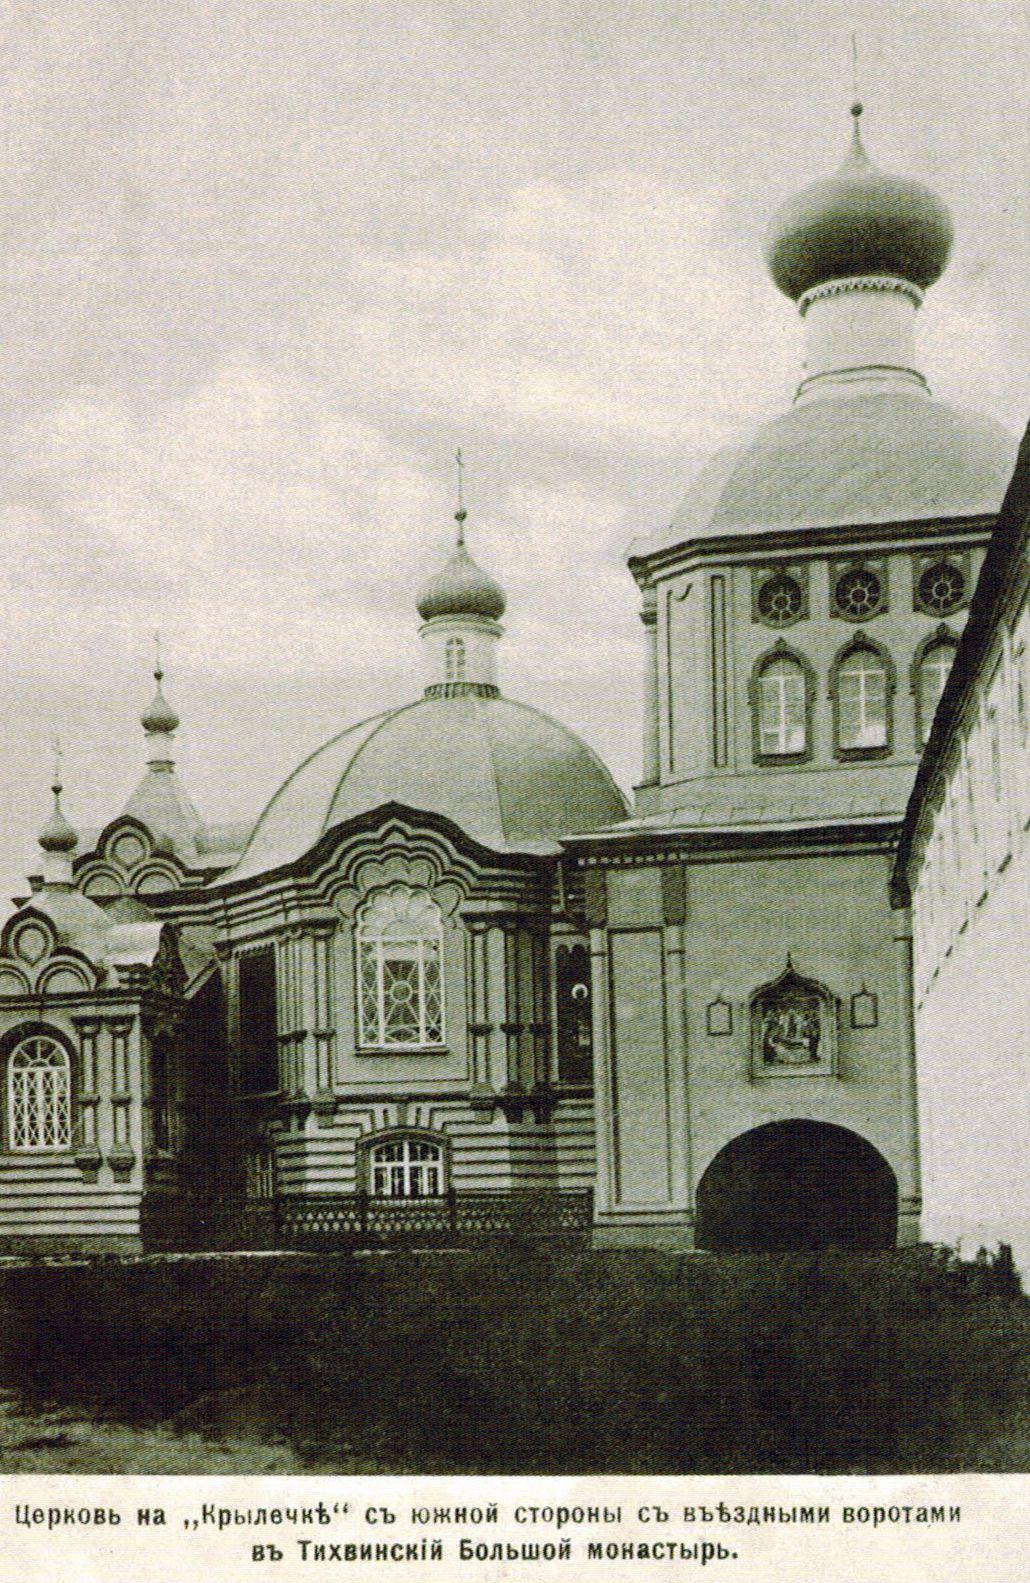 Церковь на крылечке с южной стороны с въездными воротами